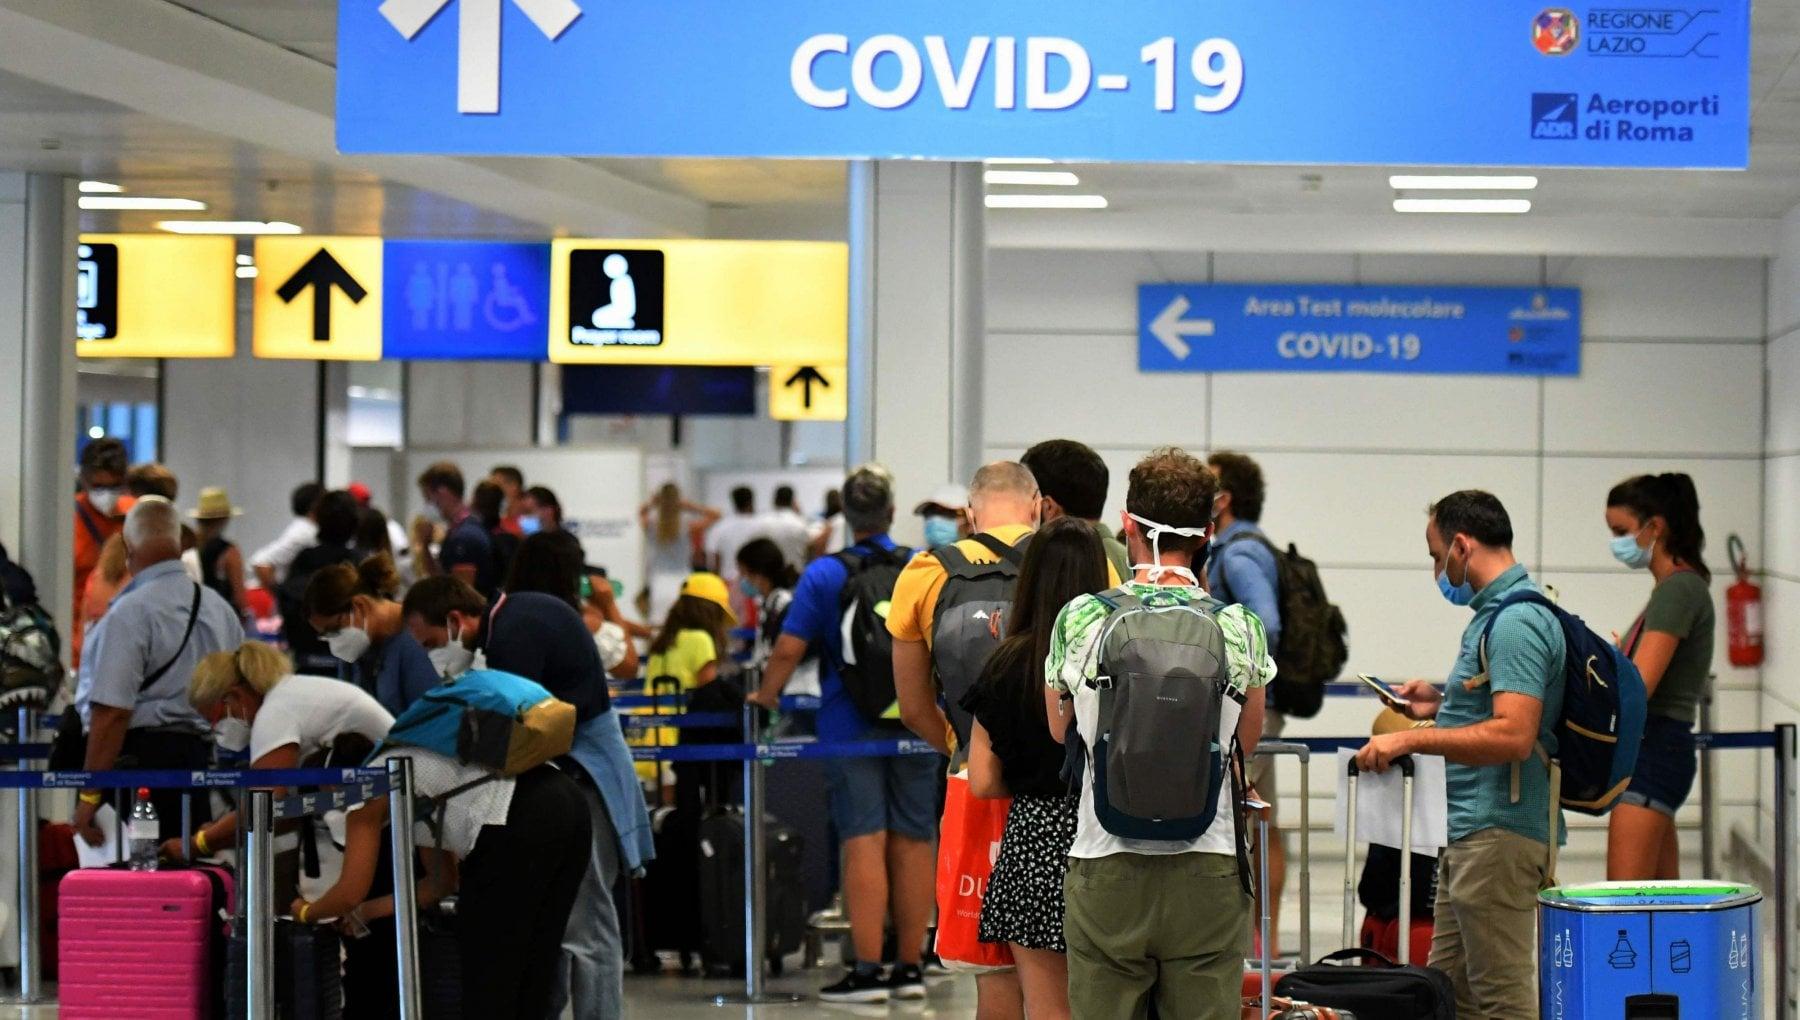 Variante inglese un caso accertato altri sette sotto osservazione tra i passeggeri arrivati dal Regno Unito